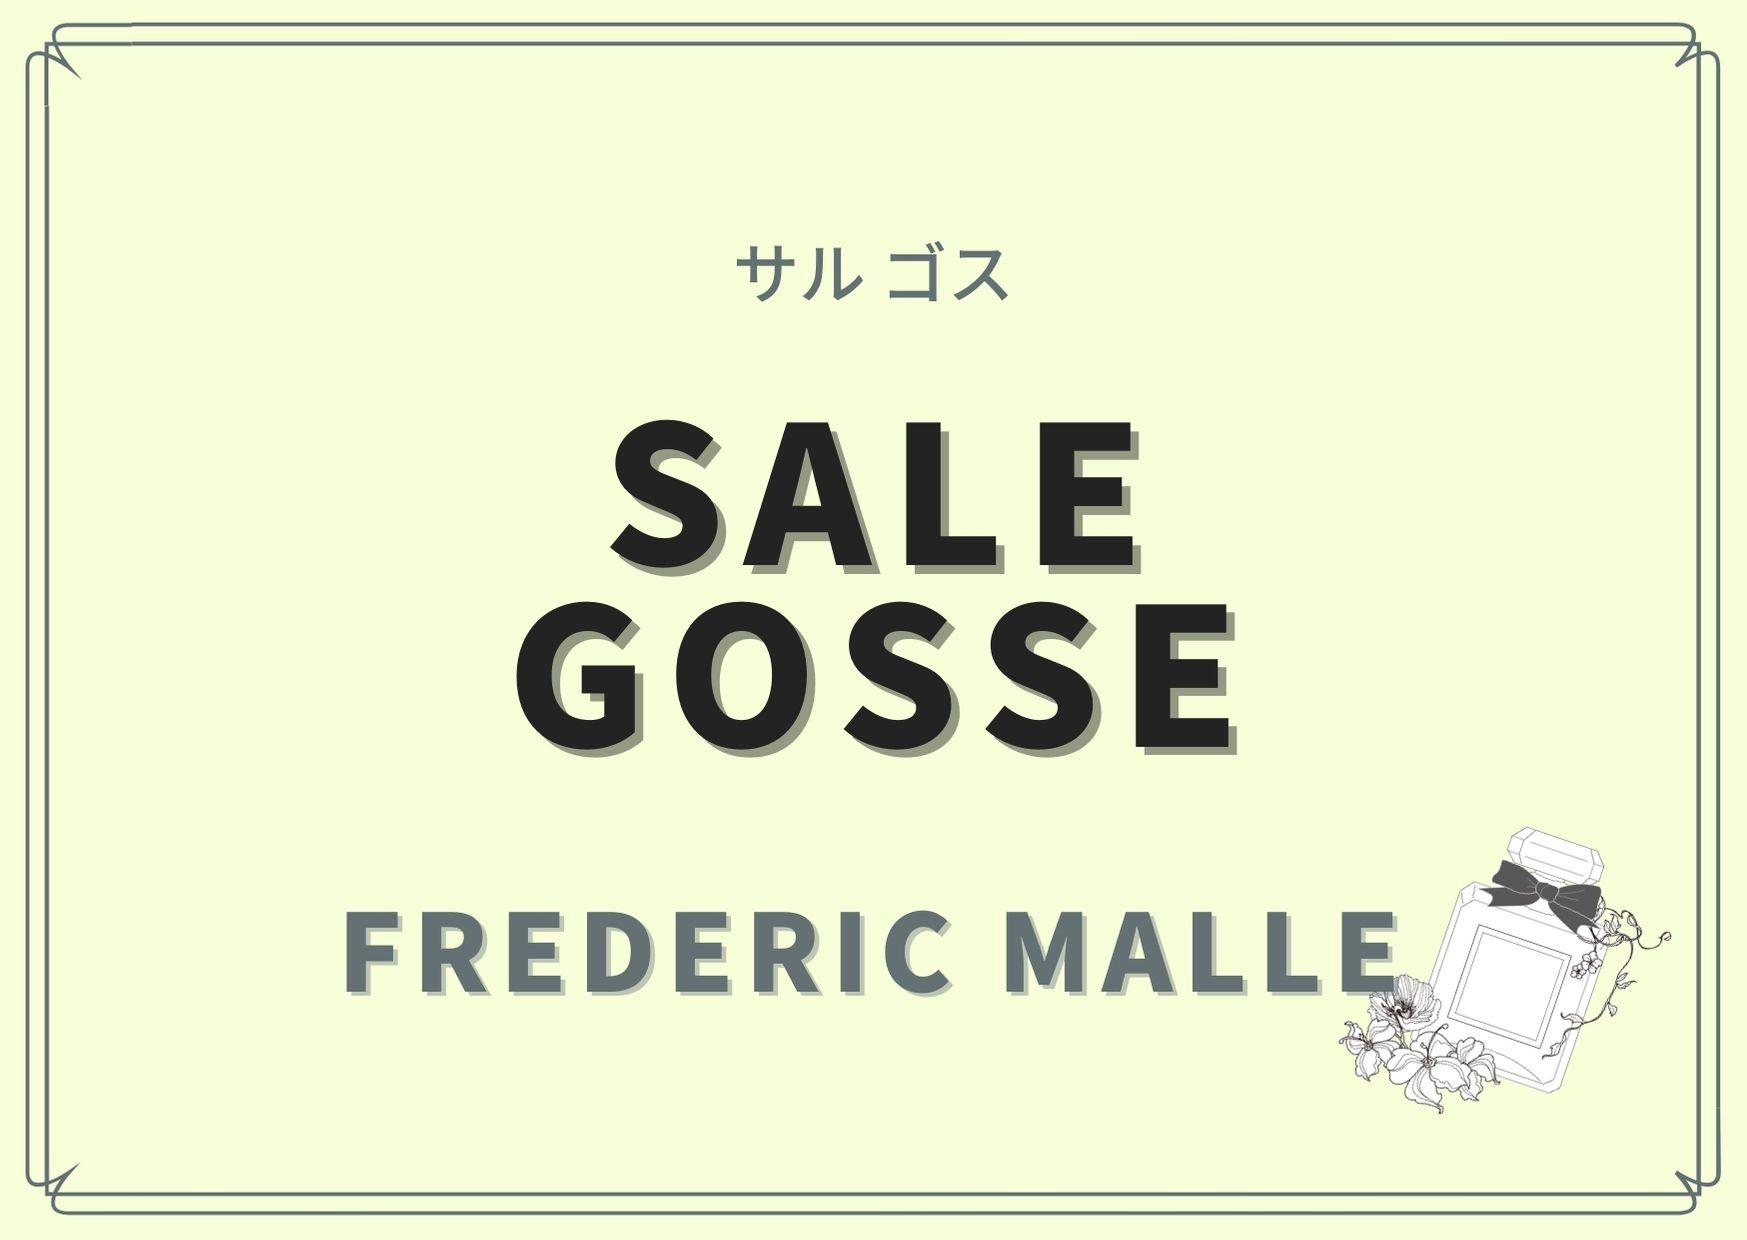 SALE GOSSE(サル ゴス)/FREDERIC MALLE(フレデリック マル)